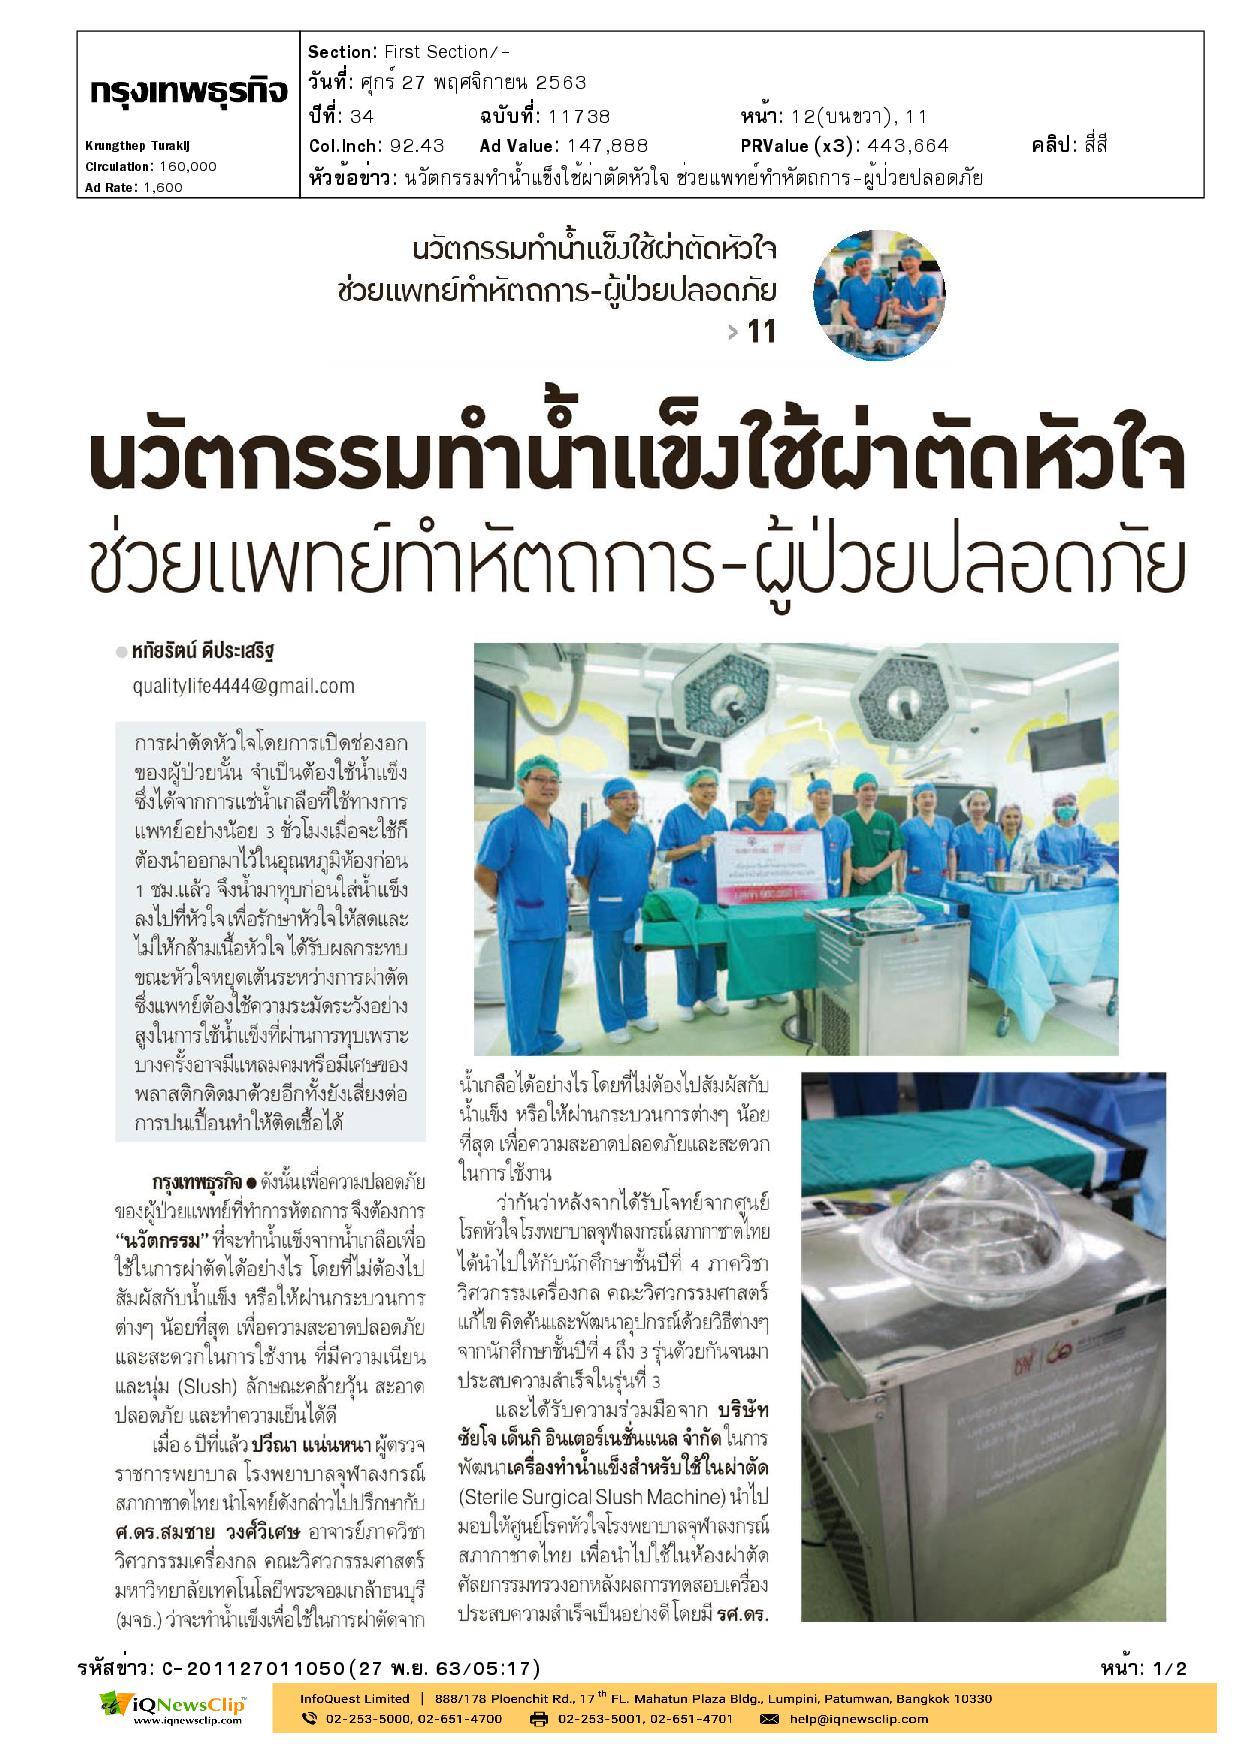 บทความเรื่อง นวัตกรรมทำน้ำแข็งใช้ผ่าตัดหัวใจ ช่วยแพทย์ ทำหัตถการ-ผู้ป่วยปลอดภัย